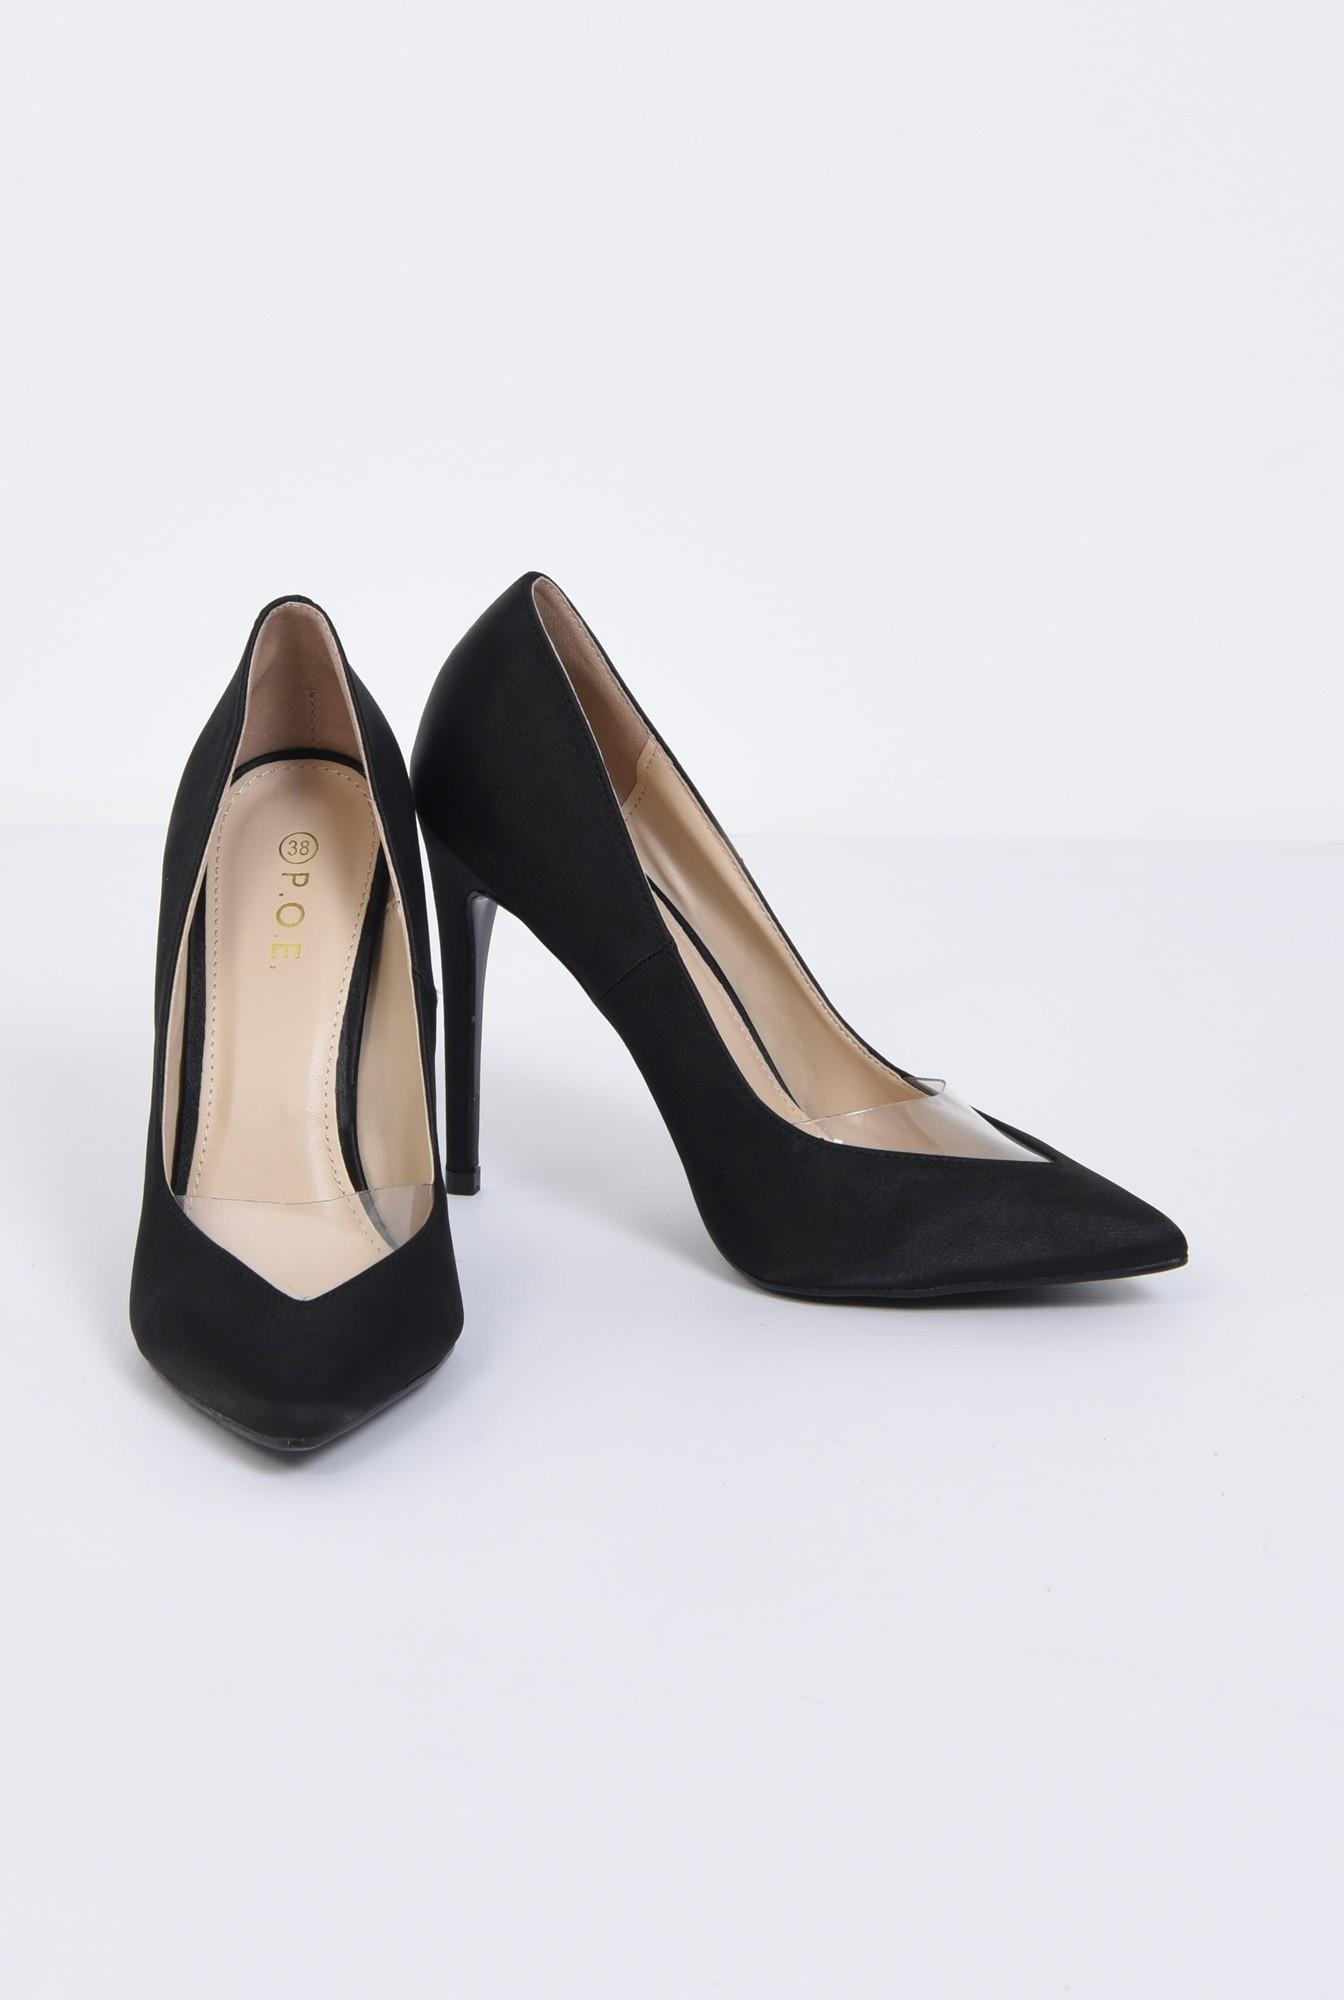 3 - pantofi eleganti, negru, satin, stiletto